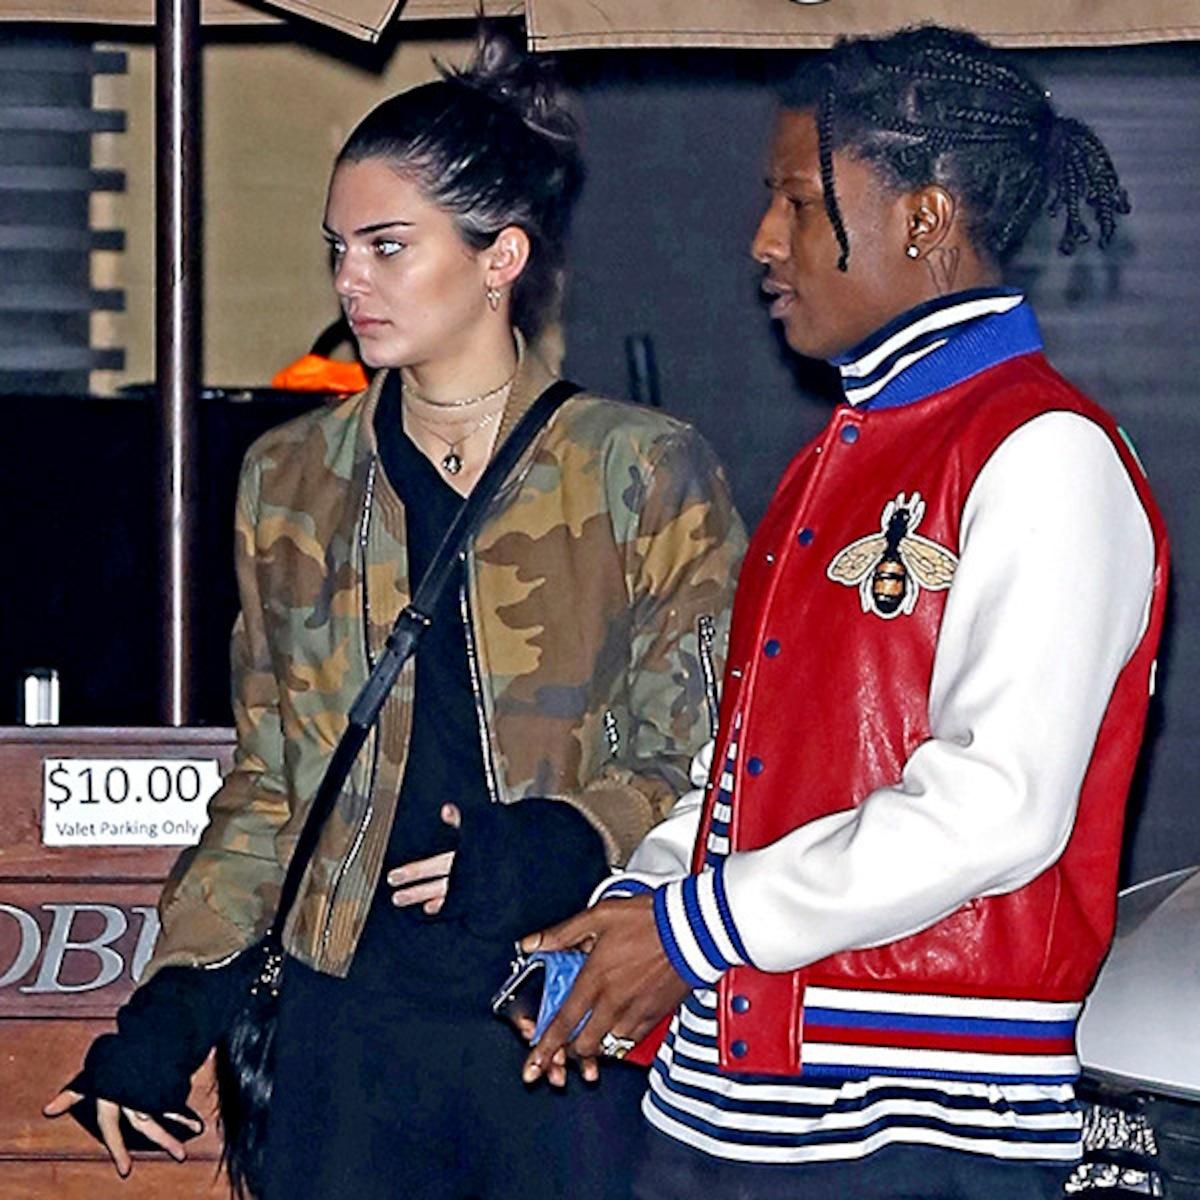 Kylie jenner dating asap rocky